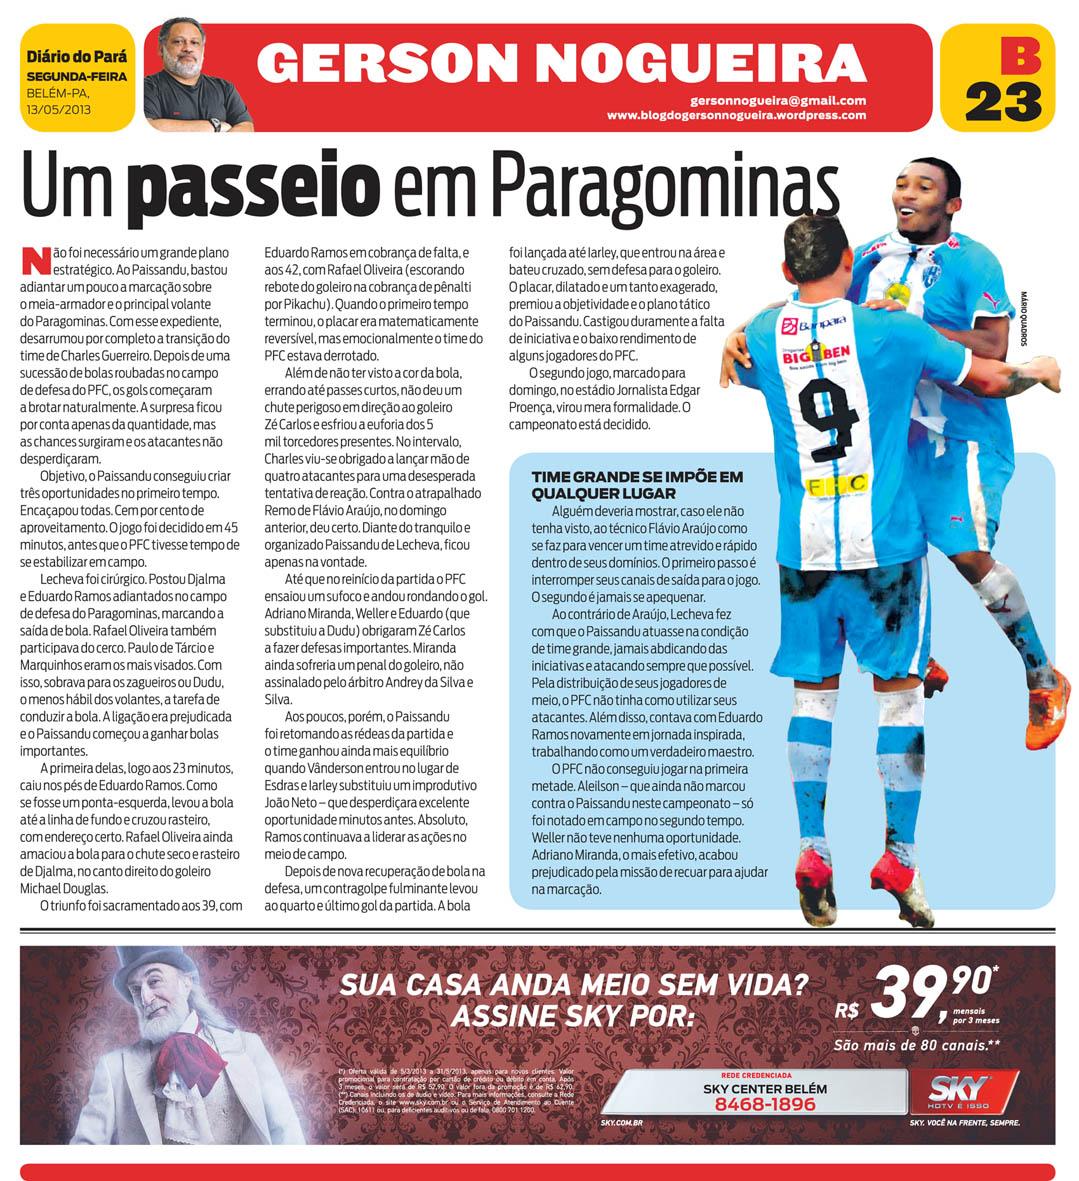 Um passeio em Paragominas – Blog do Gerson Nogueira 31edf8a0f9c93